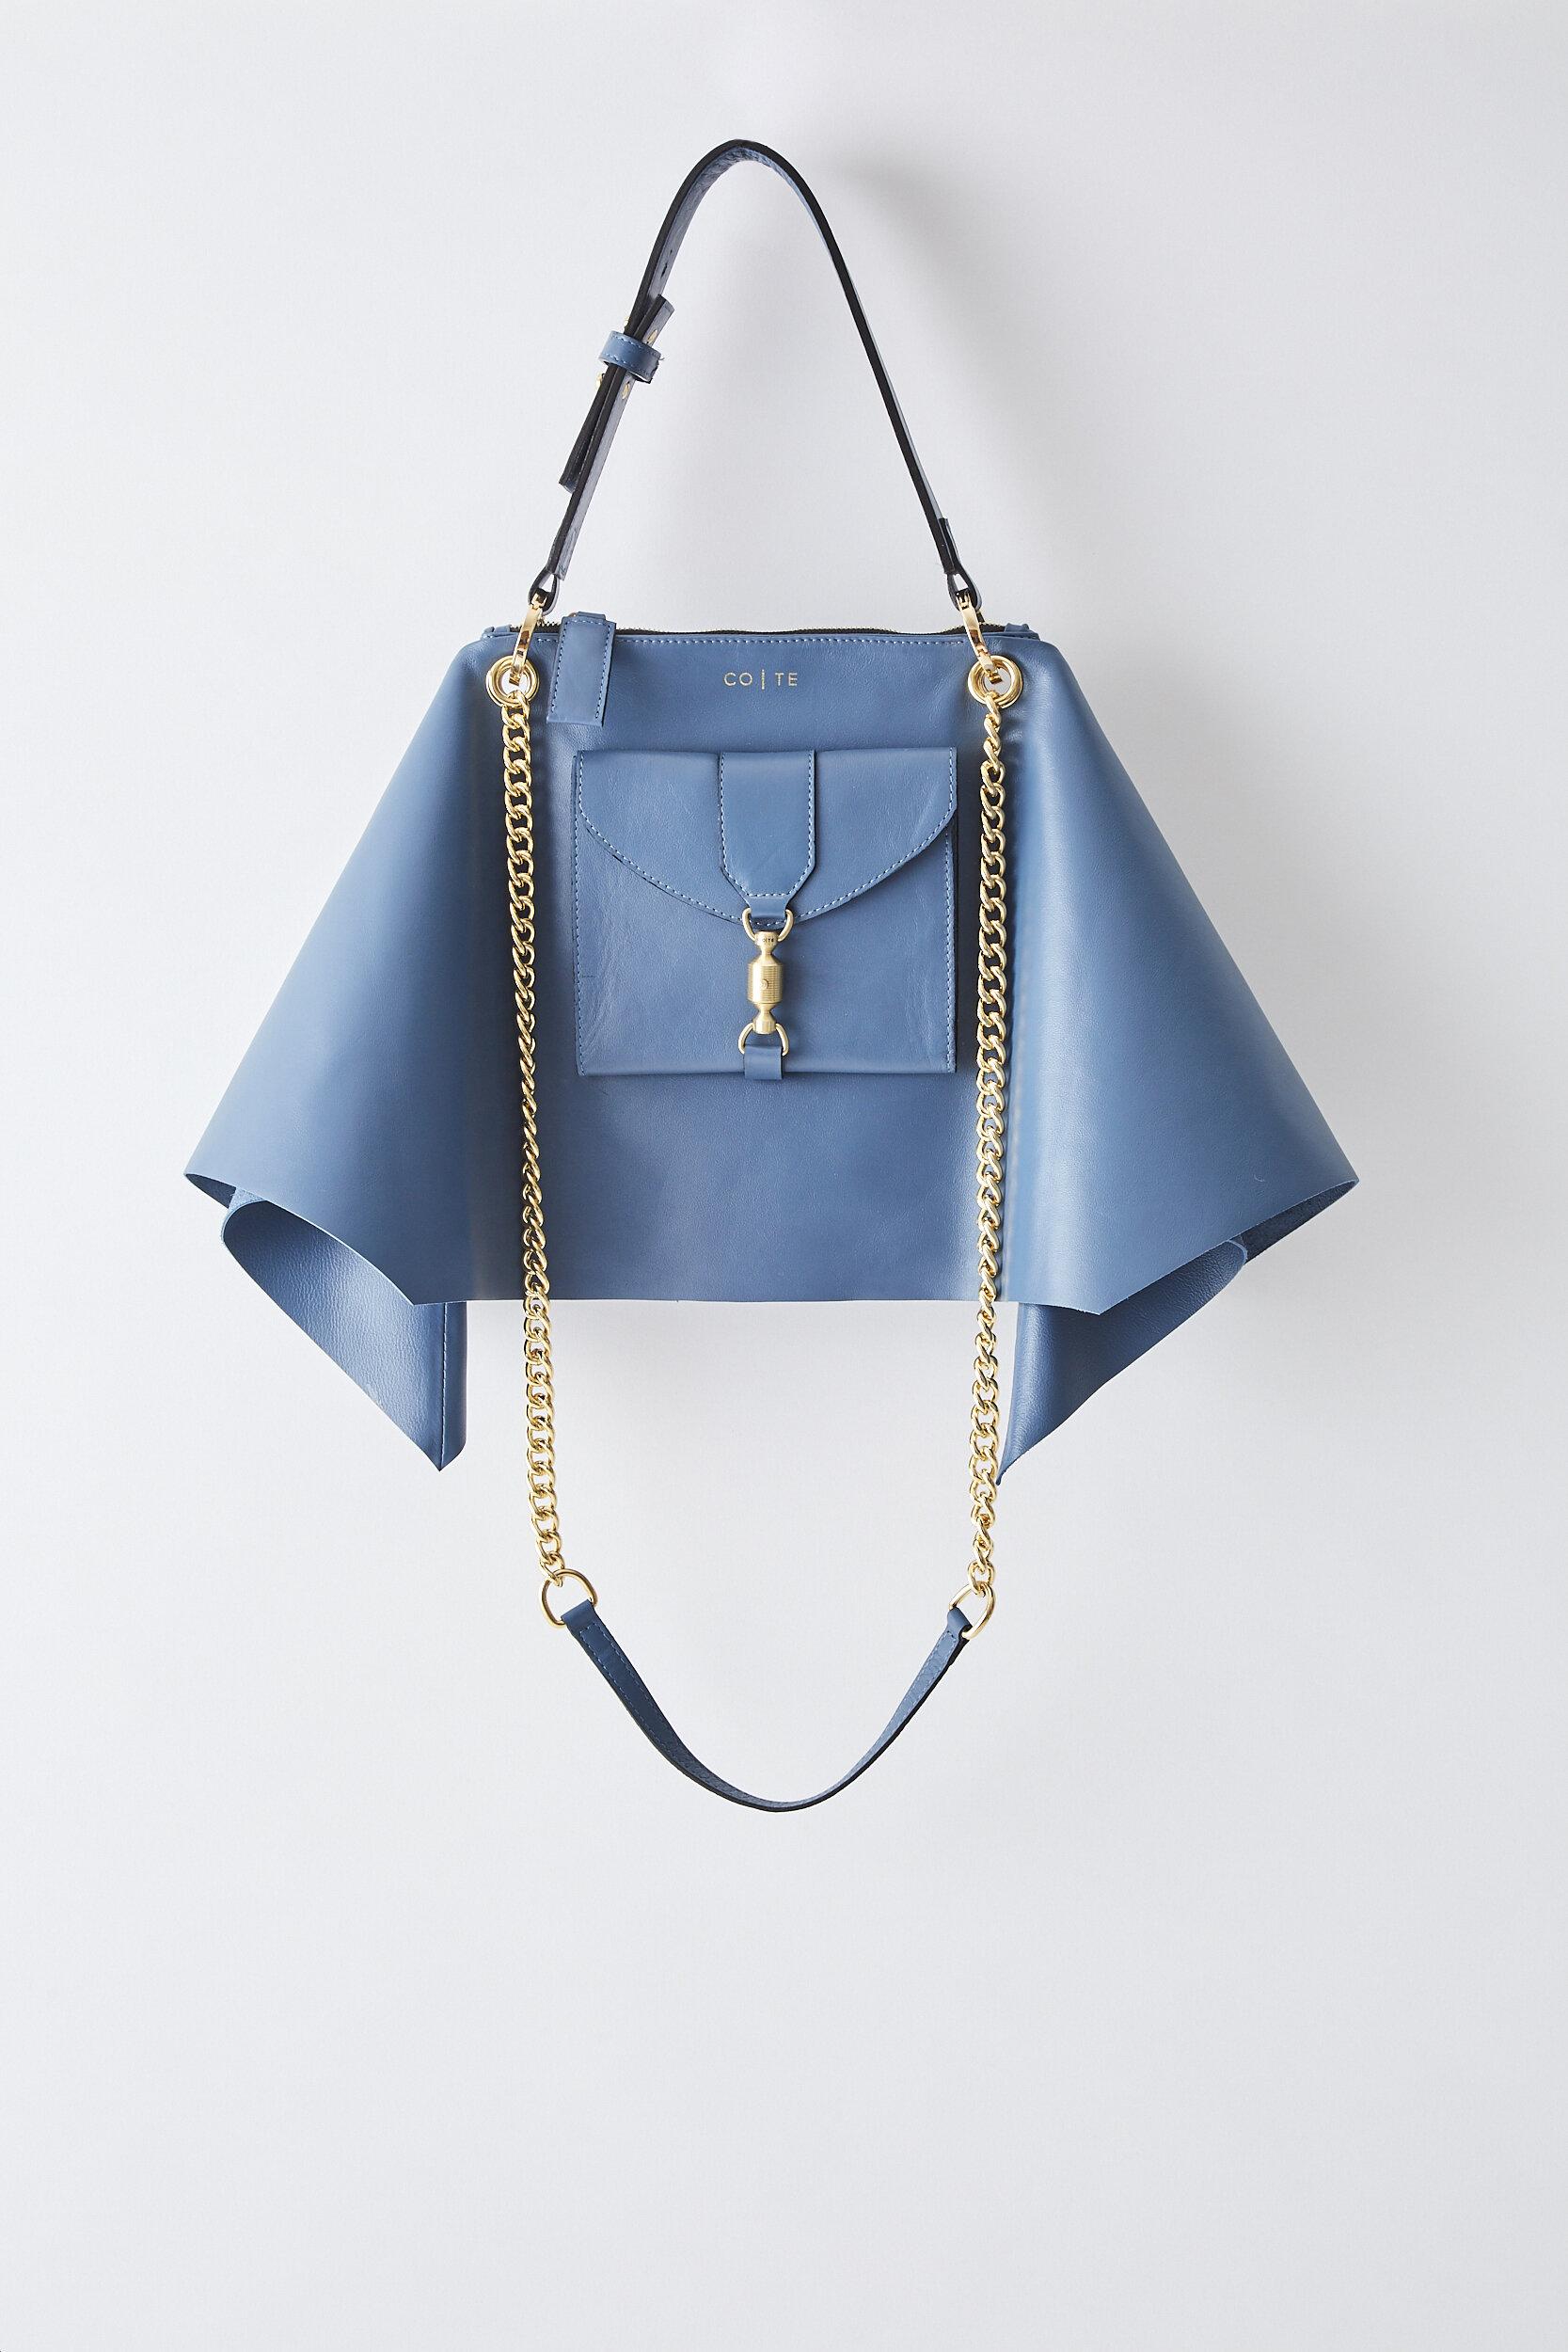 COTE SS2020 Foulard Bag